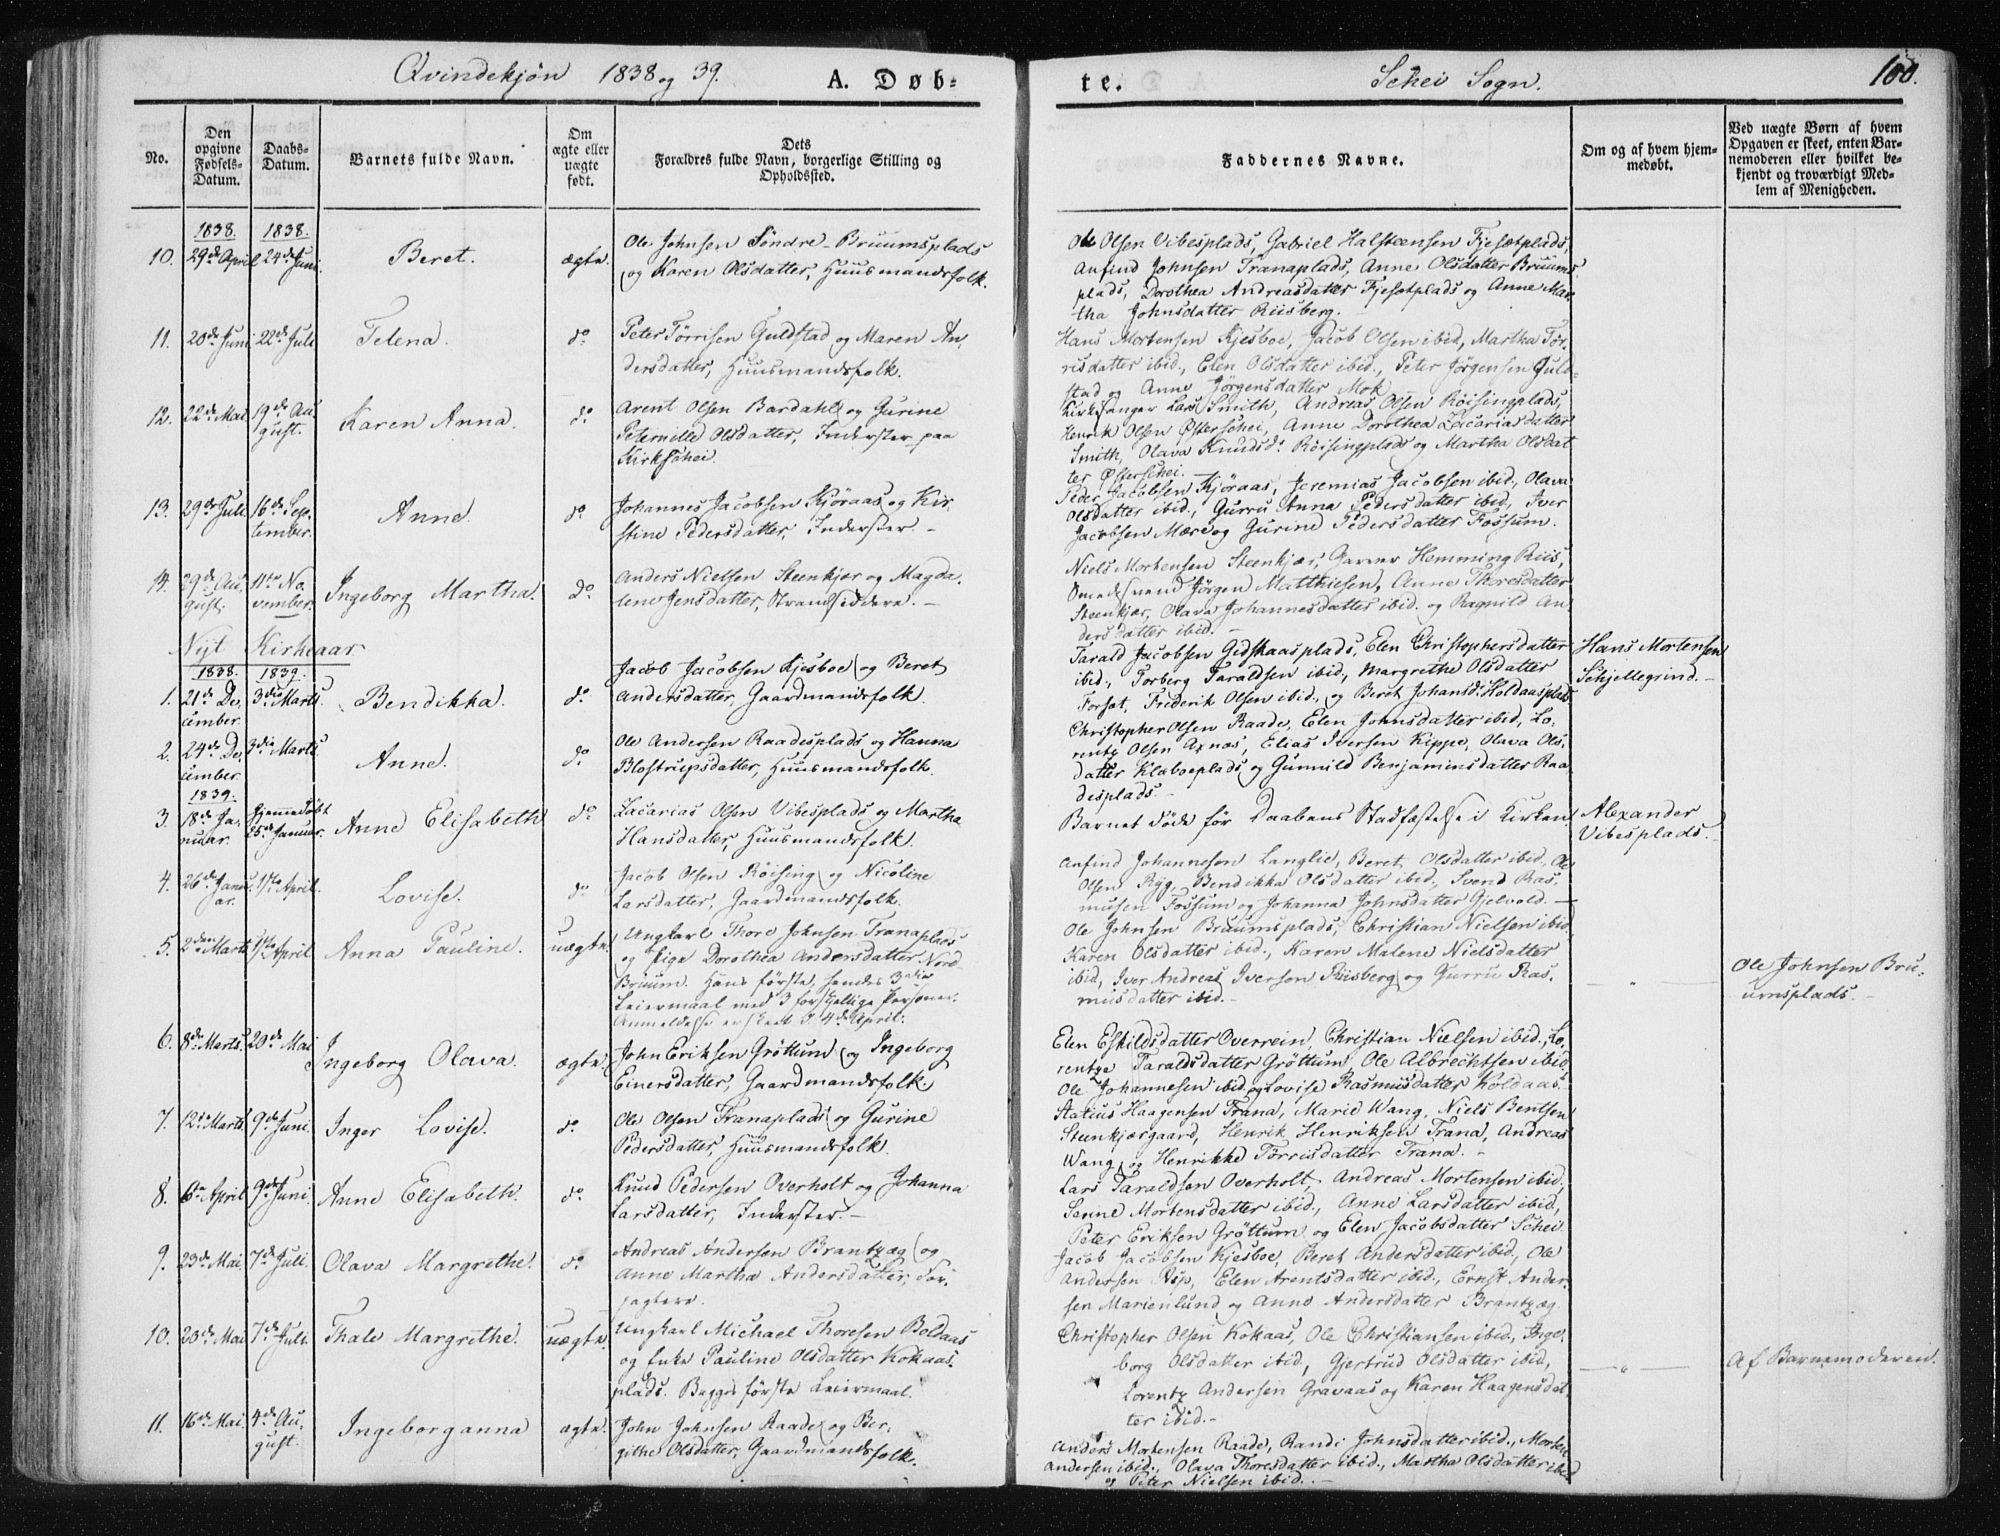 SAT, Ministerialprotokoller, klokkerbøker og fødselsregistre - Nord-Trøndelag, 735/L0339: Ministerialbok nr. 735A06 /2, 1836-1848, s. 100